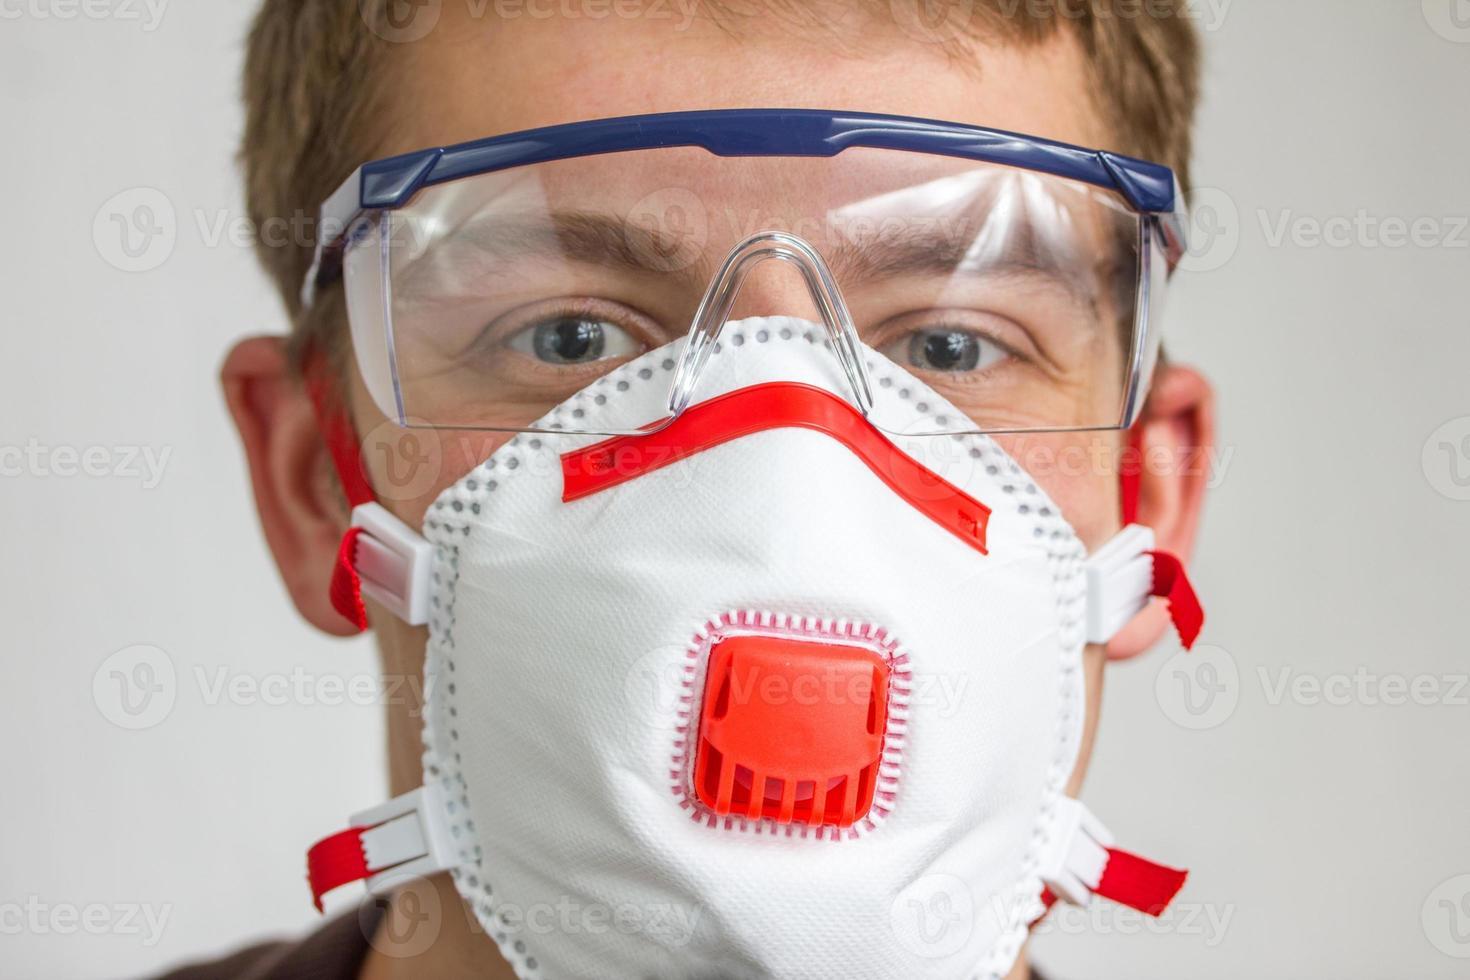 hantverkare med skyddsutrustning foto